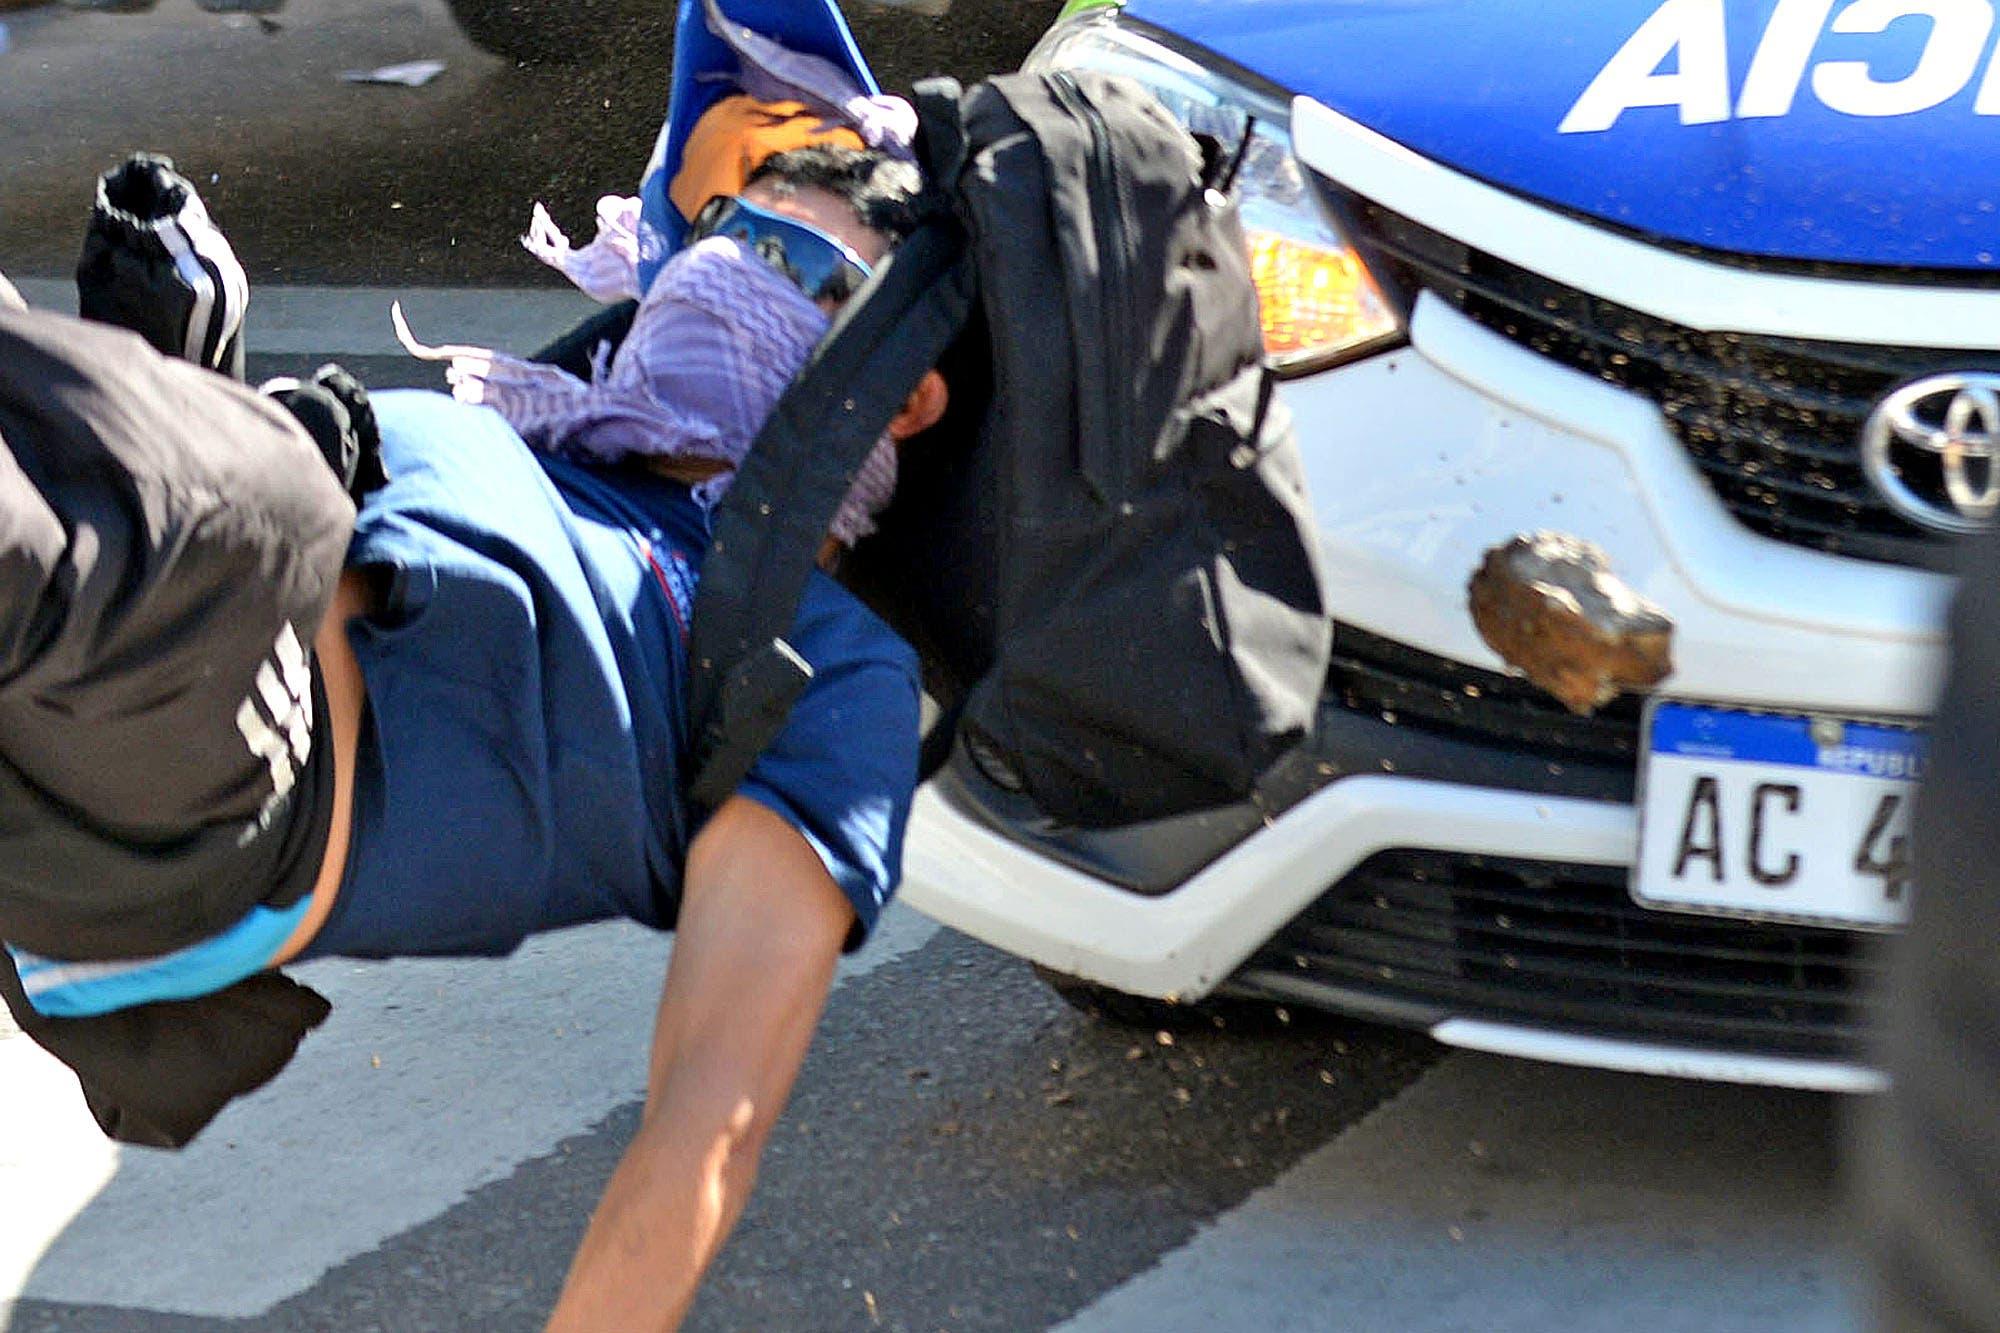 La Plata: they complain that a patrol car ran over a